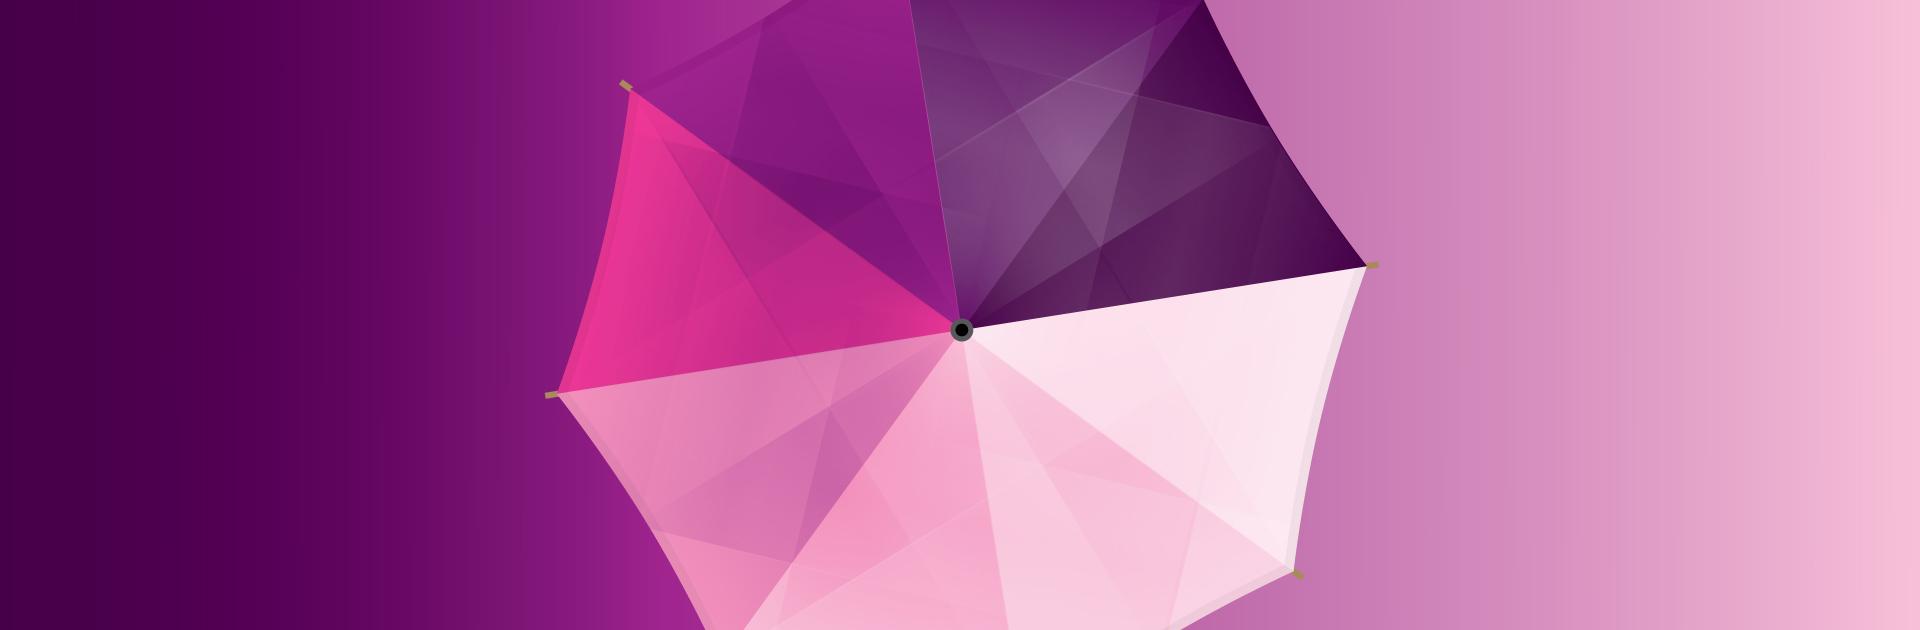 magenta-background